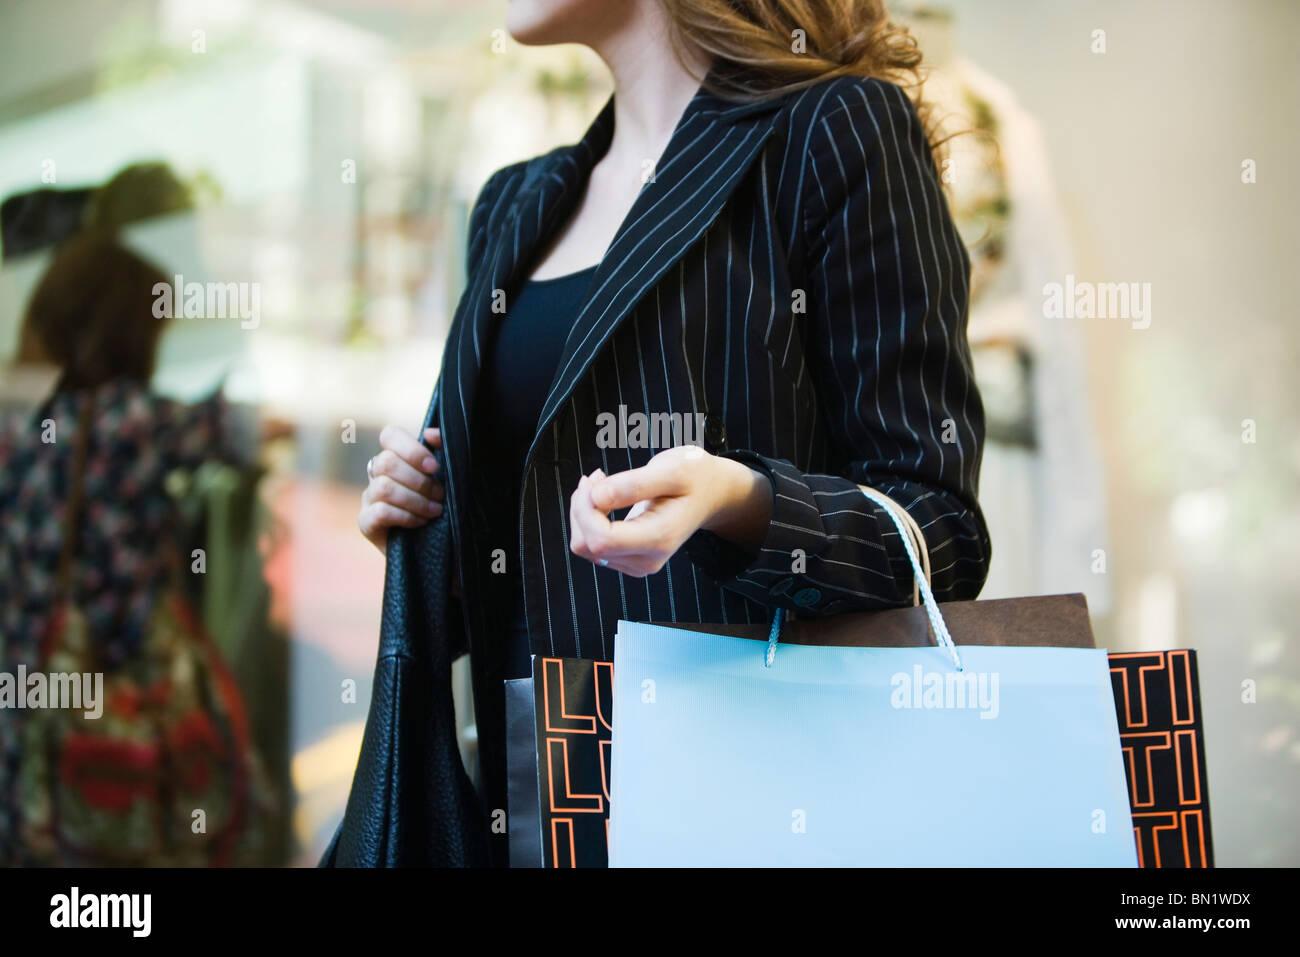 Mujer llevando bolsas de compras, recortadas Imagen De Stock